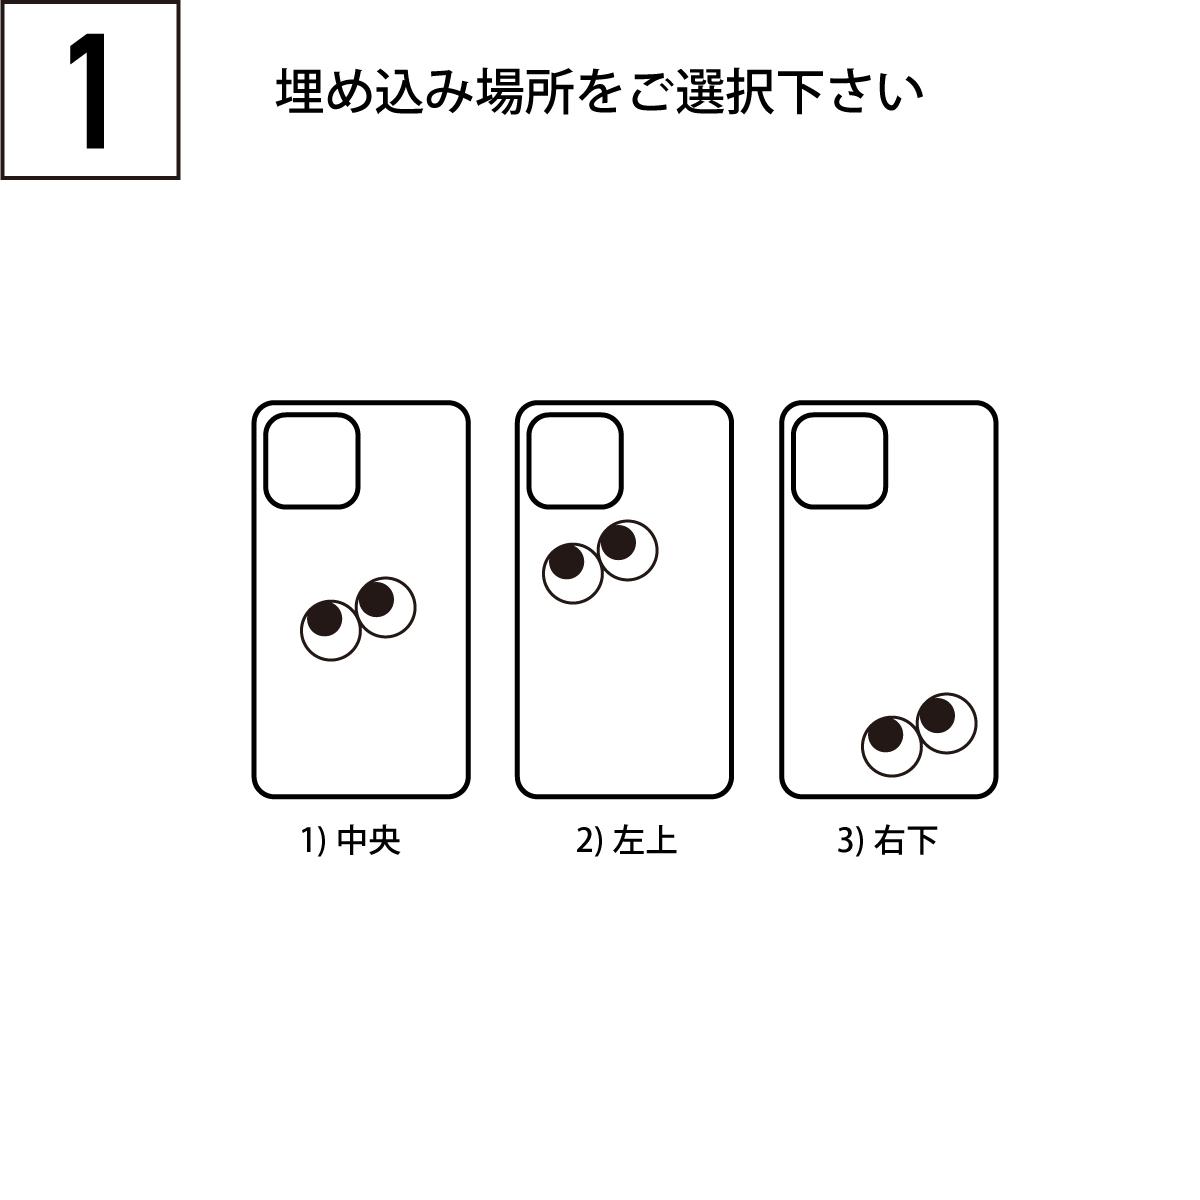 iPhoneOpenCase:    Option8:目 ファニーアイズ埋込追加